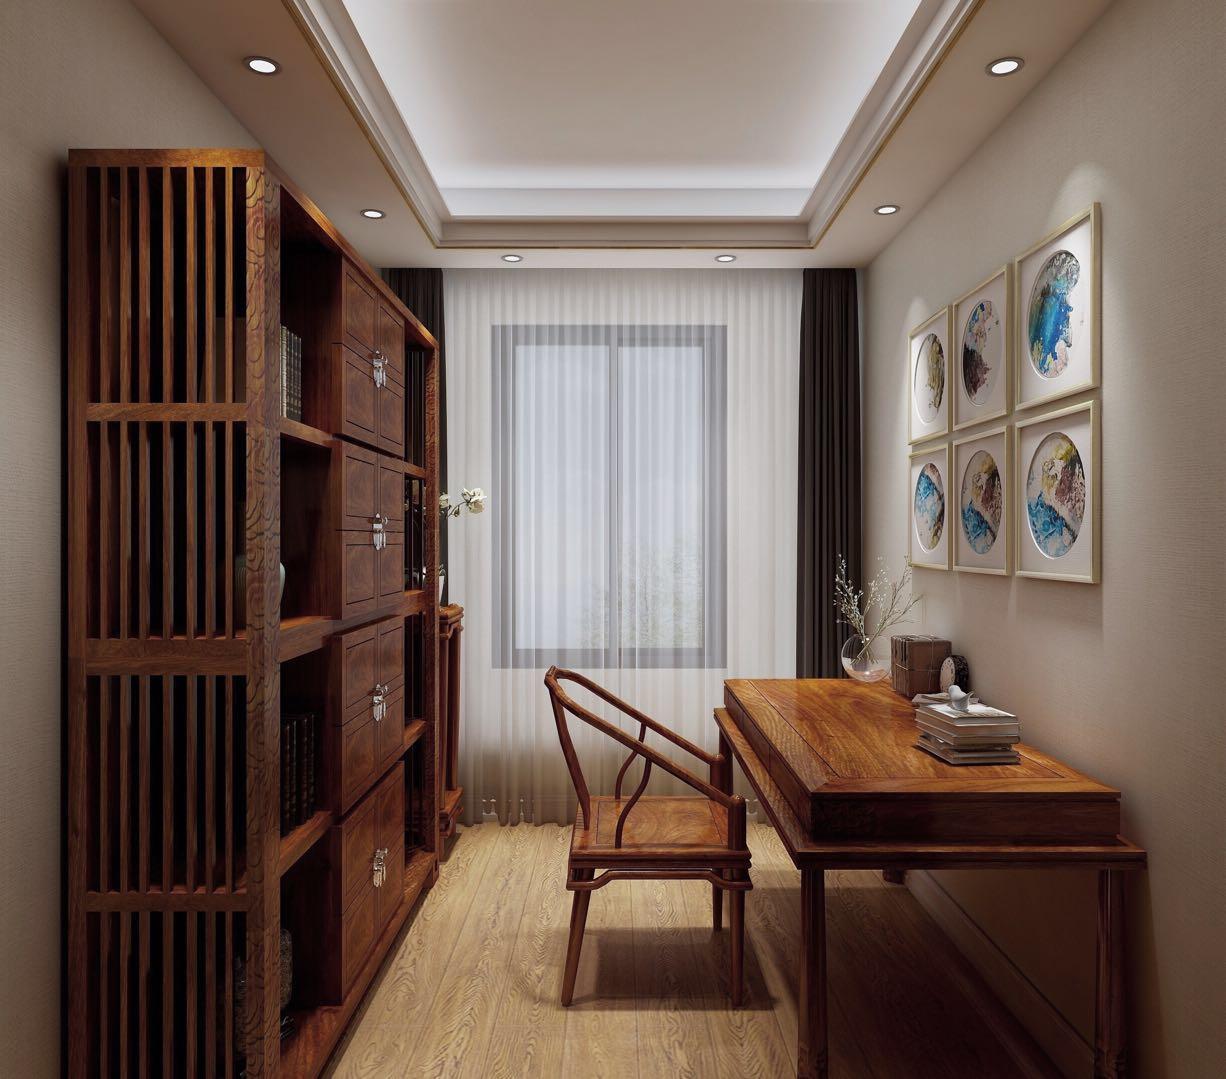 色彩,质感,艺术品及时尚的家具搭配;合理的的人性空间;完美的设计理念;为业主创造完善的生活空间,演绎自我的居饰品味。友邦家居现全城征集样板房源,并提供全方位软装设计服务,服务费限时全免。